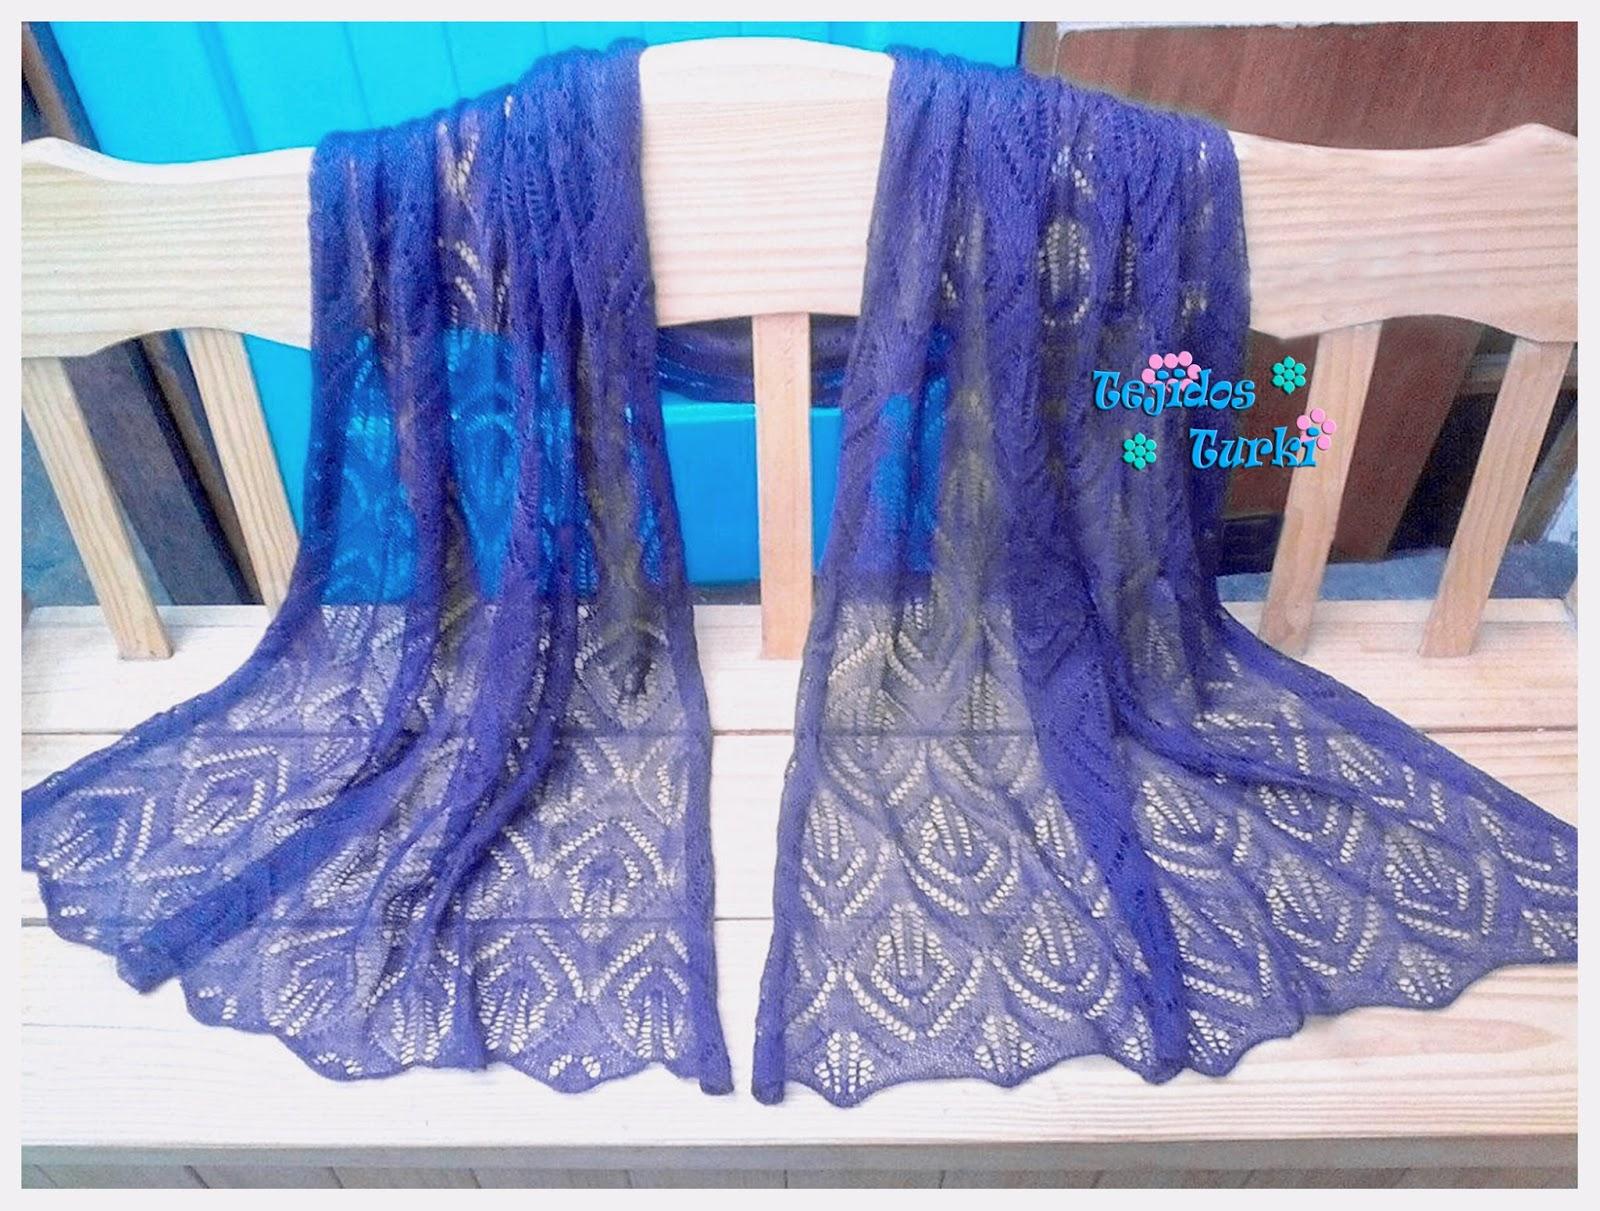 Bufandas Tejidas - Nuevo servicio de tejido